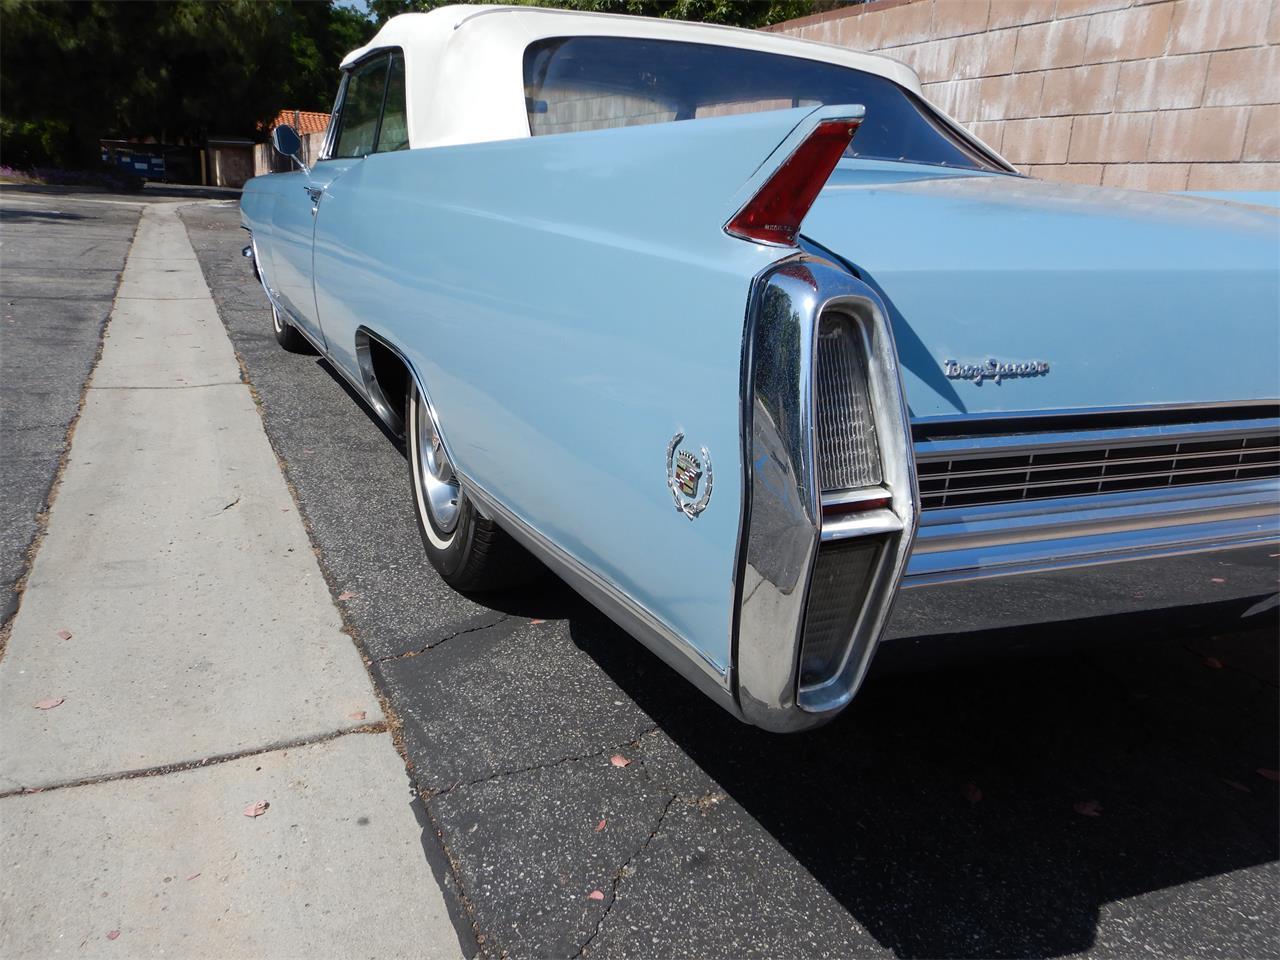 Large Picture of Classic 1964 Cadillac Eldorado Biarritz located in Woodland Hills California - $28,500.00 - QBJQ